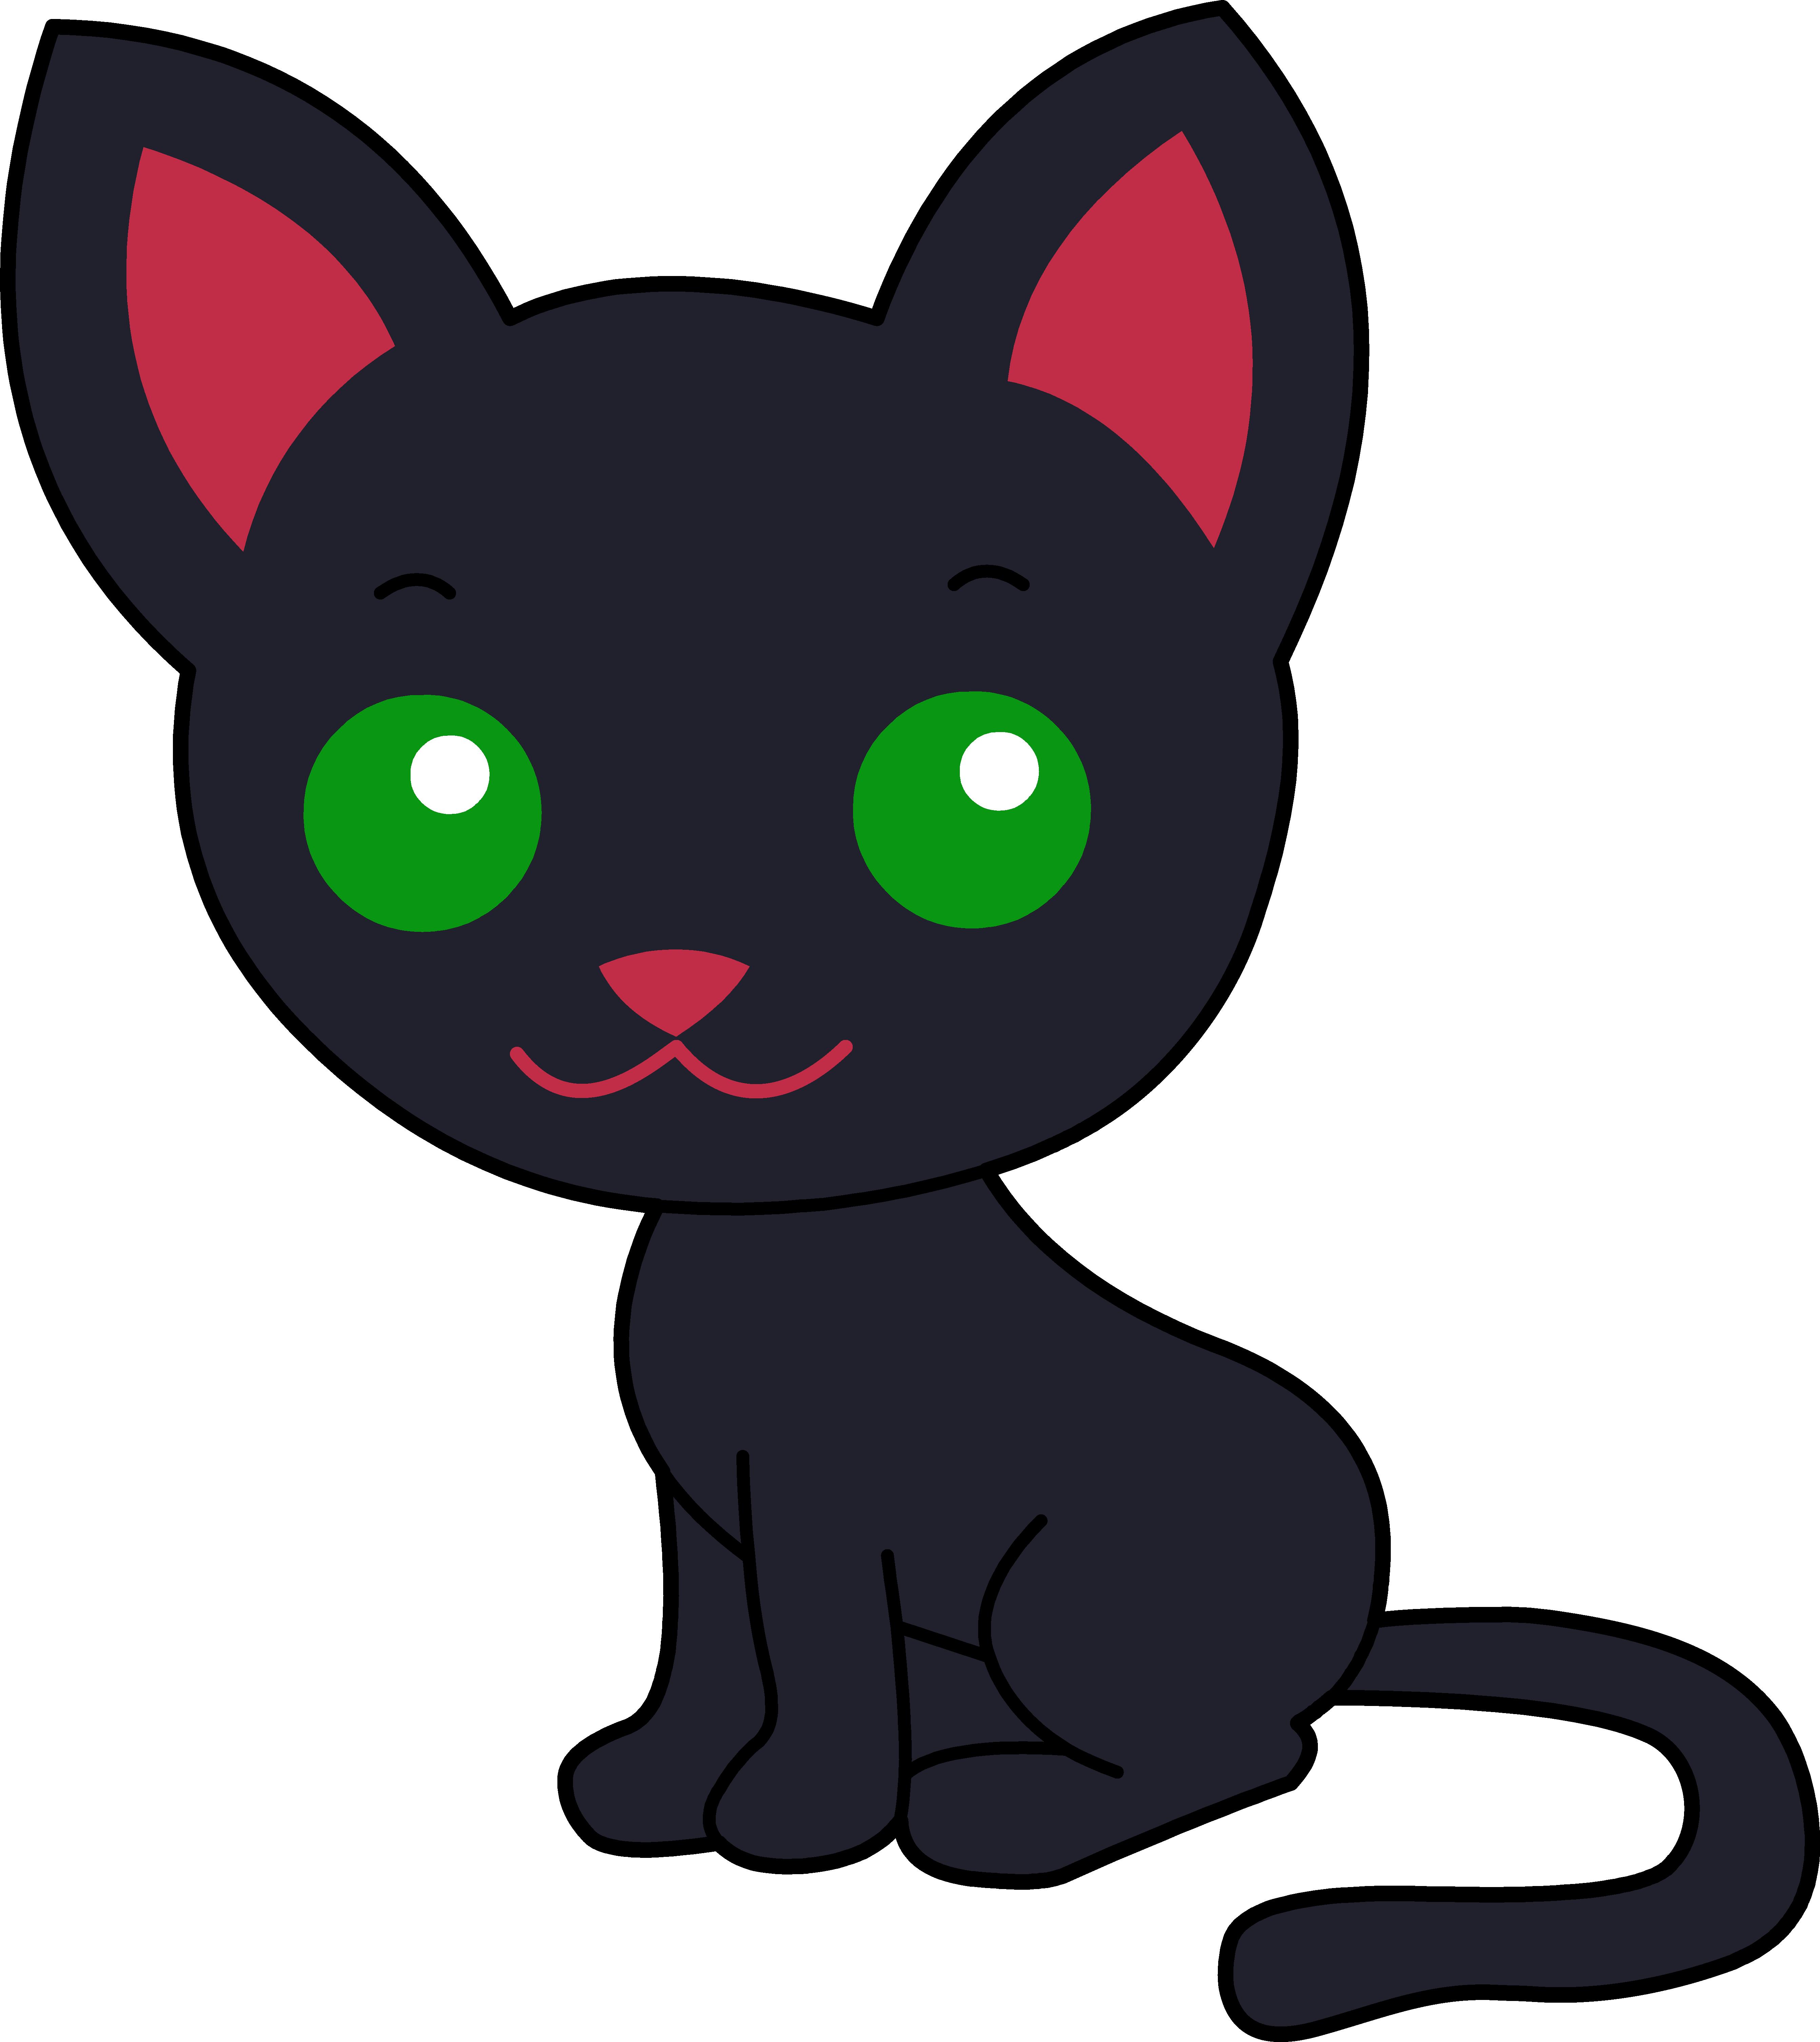 5368x6022 Cute Black Kitty Cat